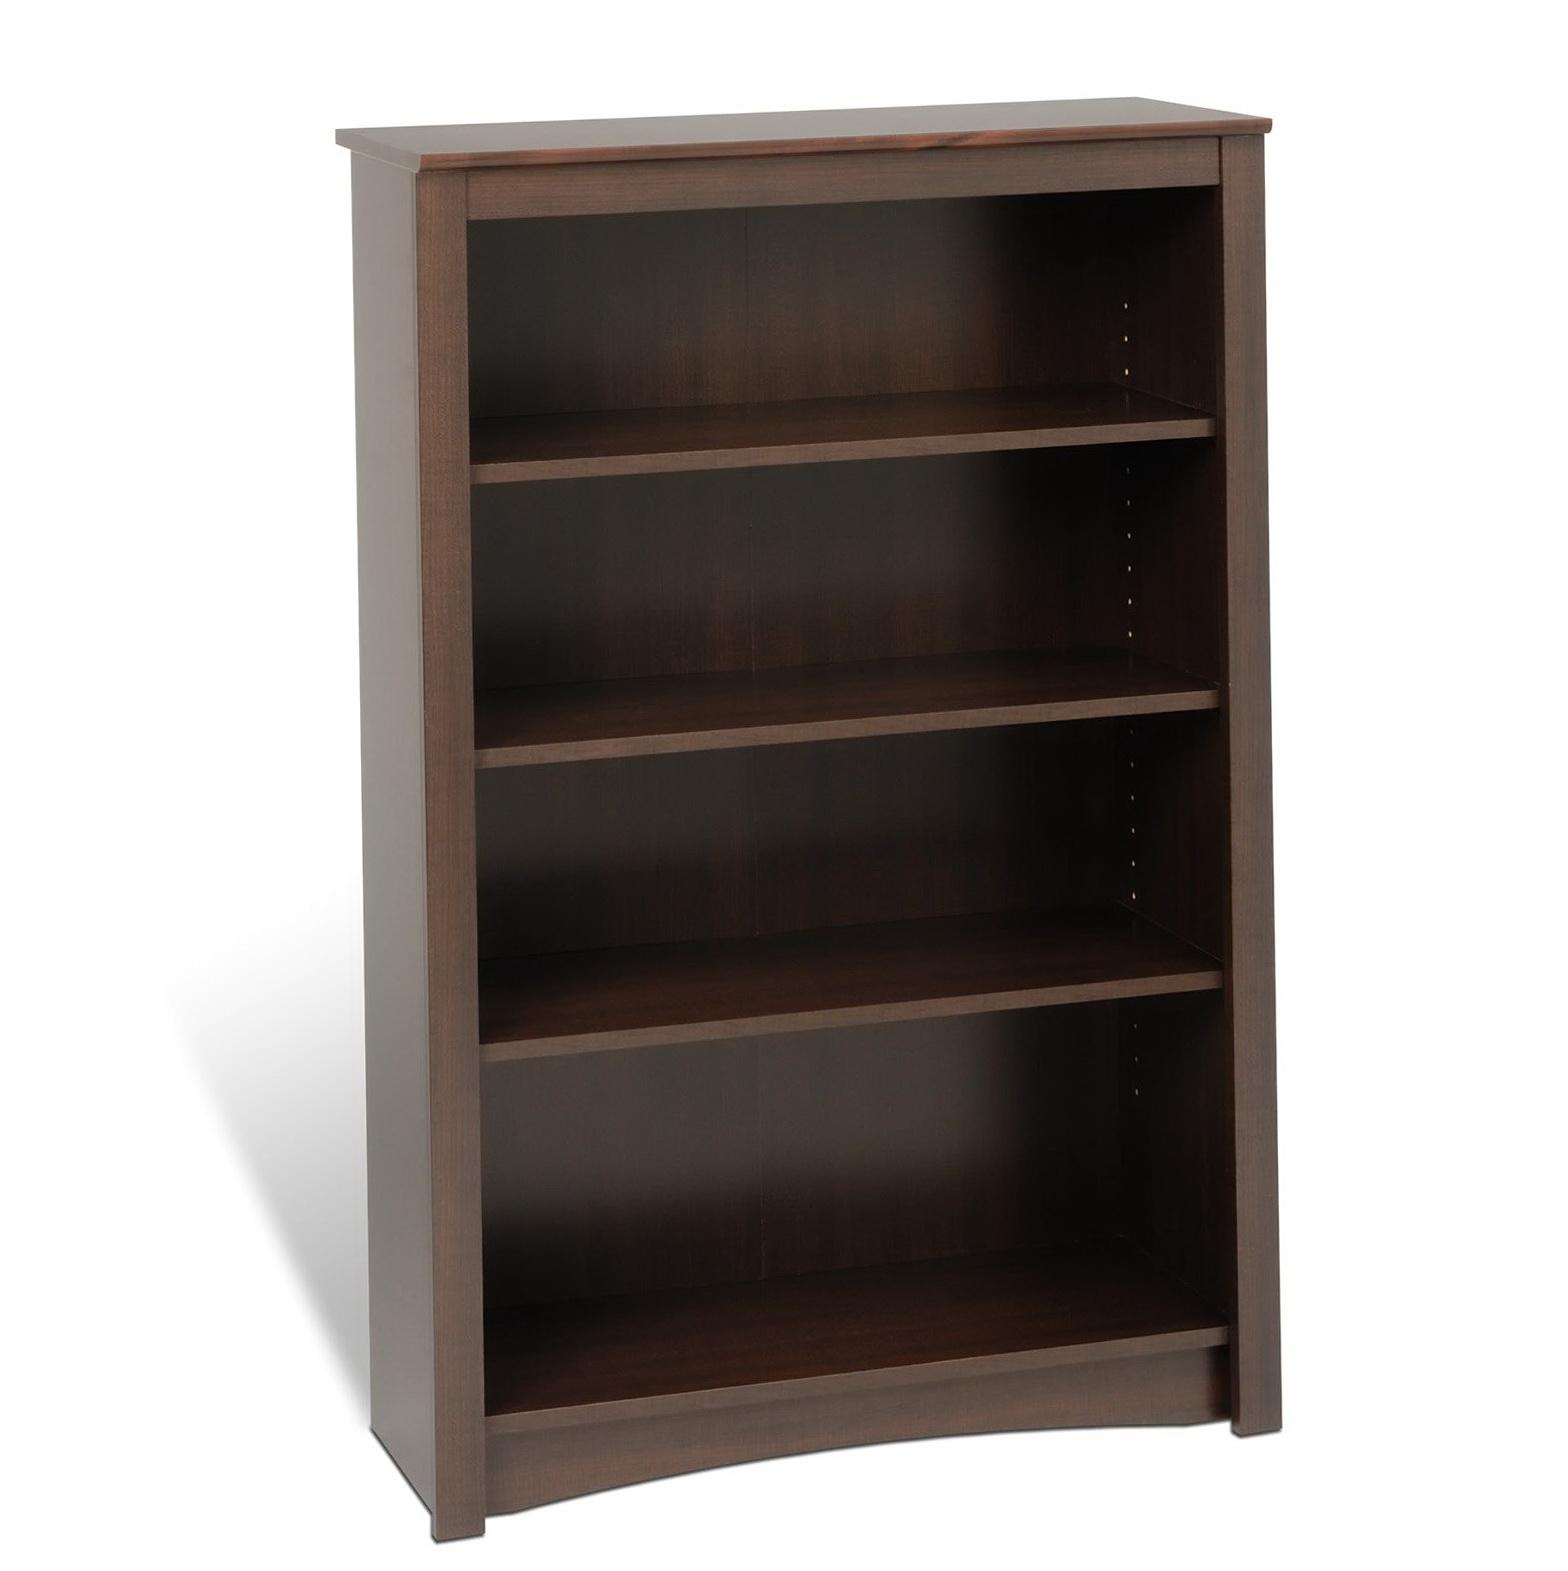 4 Shelf Bookcase Espresso